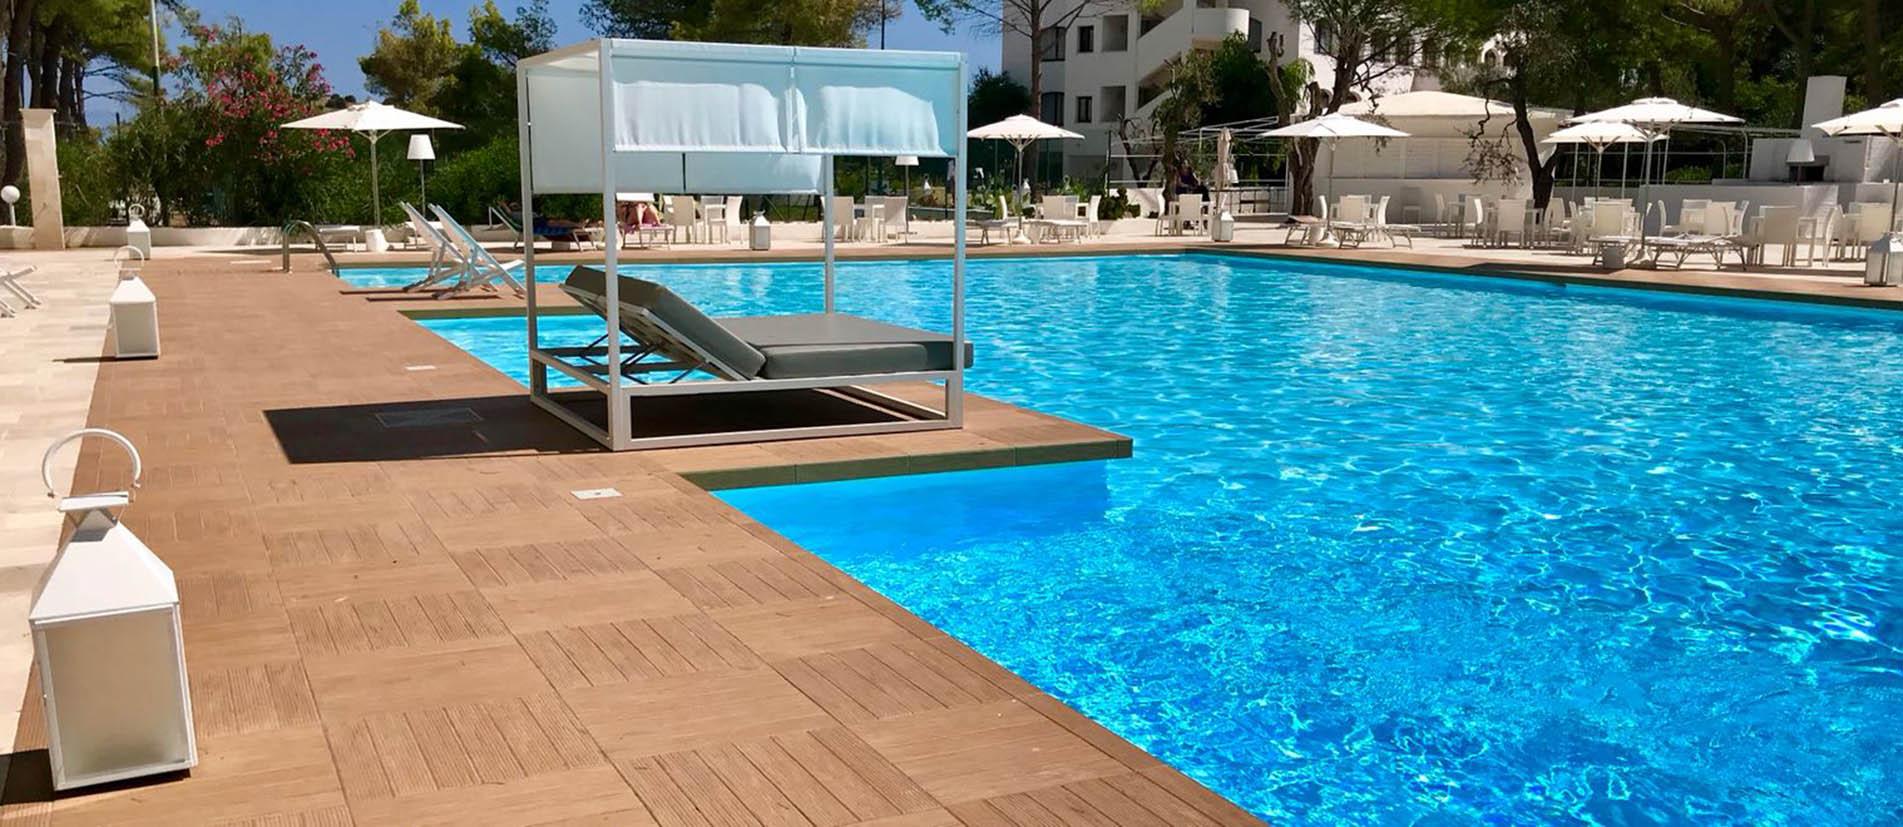 Hotel sul mare per vacanze a vieste sul gargano hotel for Vacanze a barcellona sul mare